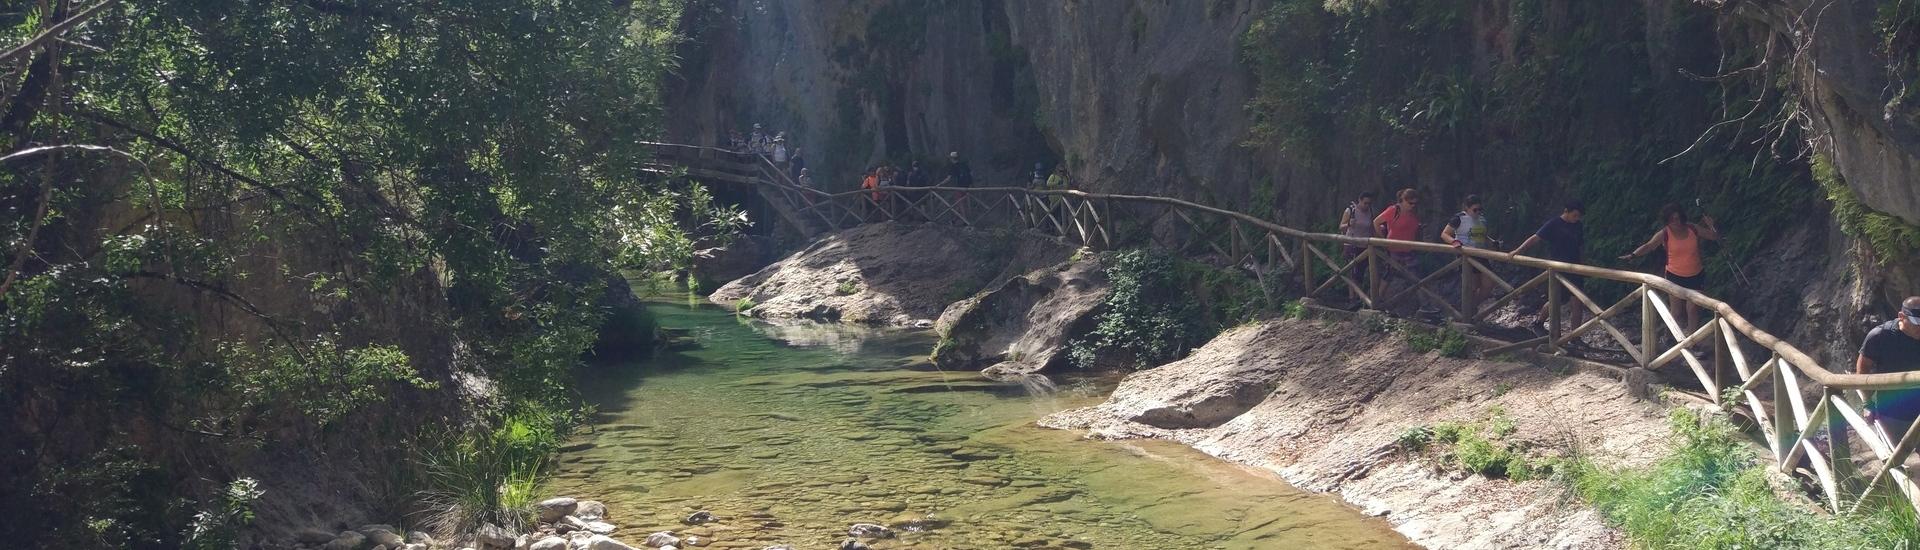 Ruta circular del Forat de la Sierra de Bernia